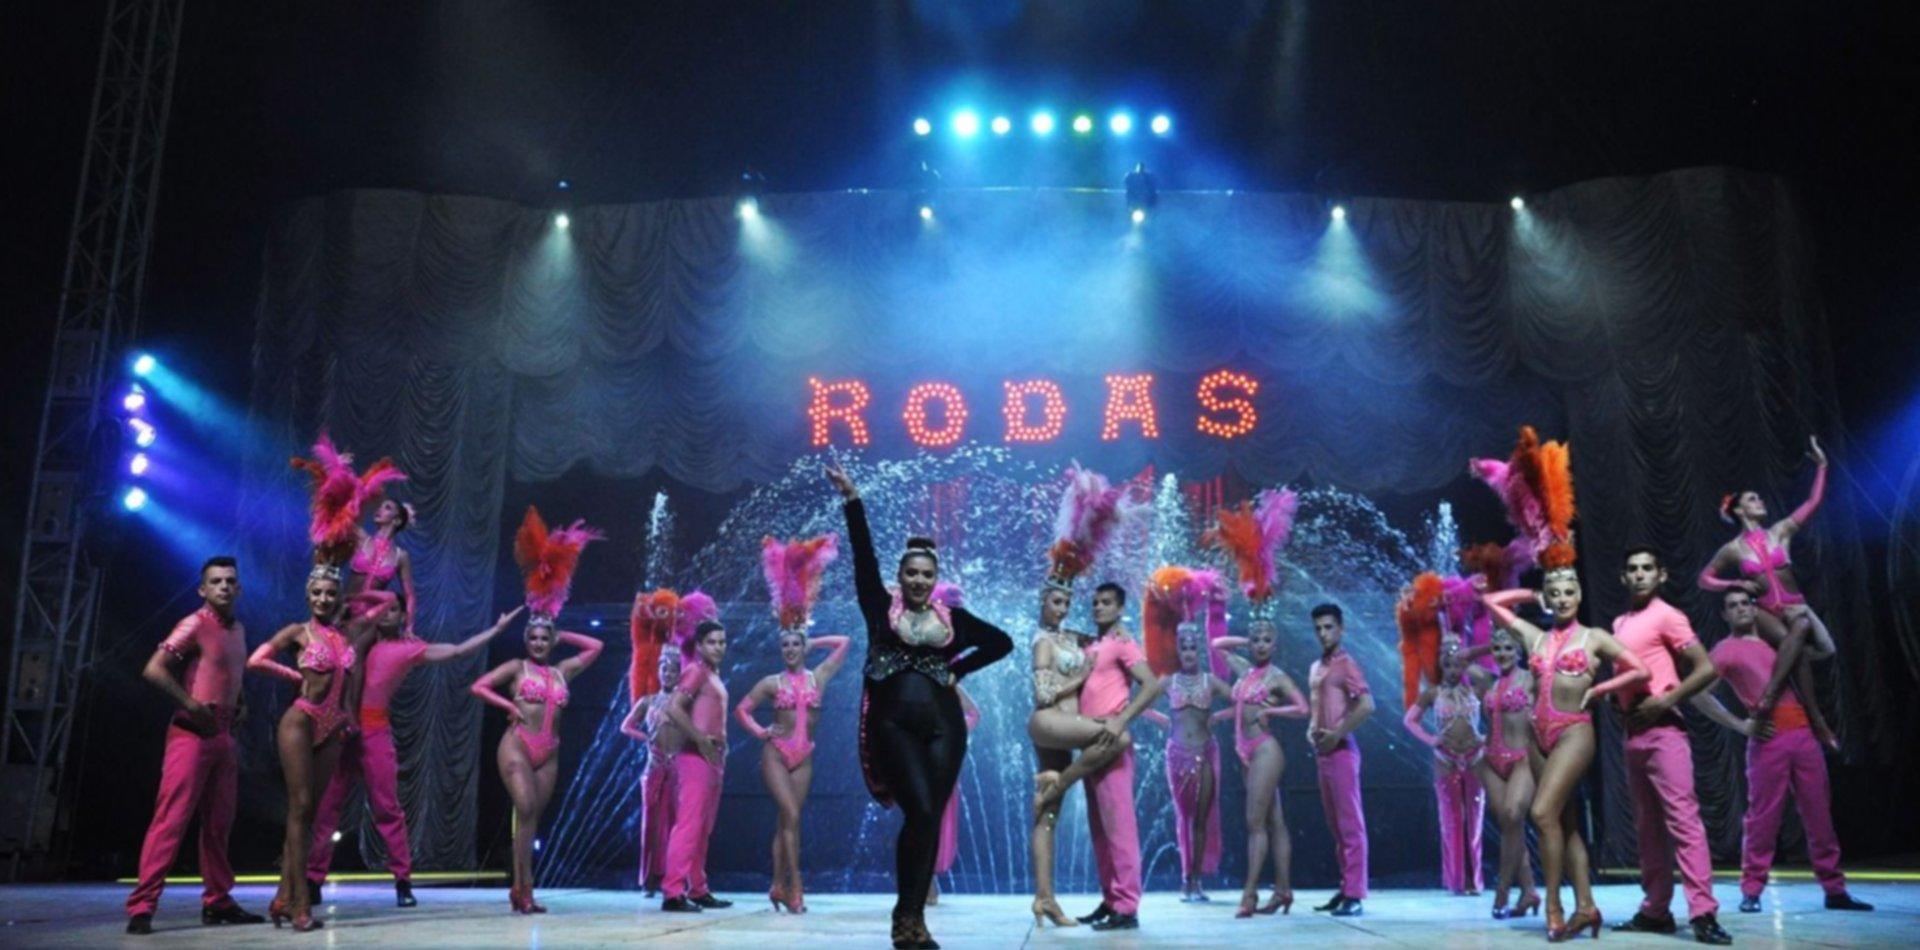 Circo Rodas,Mery Granados, Grupo Tupac, Natalie Perez y una agenda que explota